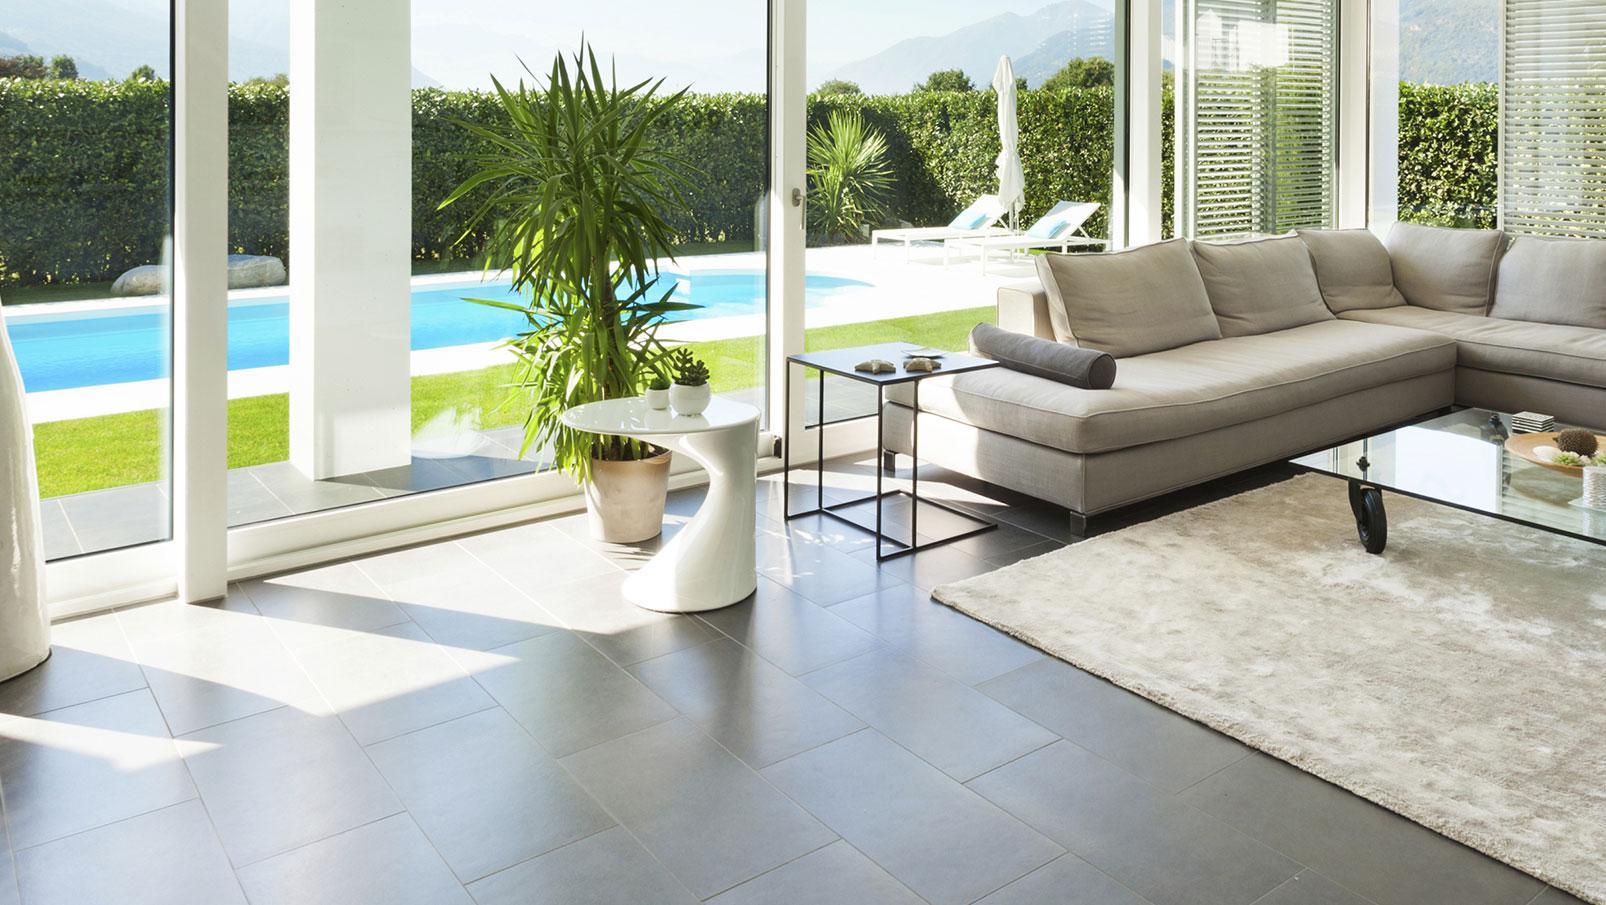 Grande salotto, sofà sotto forma di ele, tappeto grigio, tavola bassa di vetro con ruote, tavola bassa di PVC bianco, grandi porte scorrevoli di PVC bianco